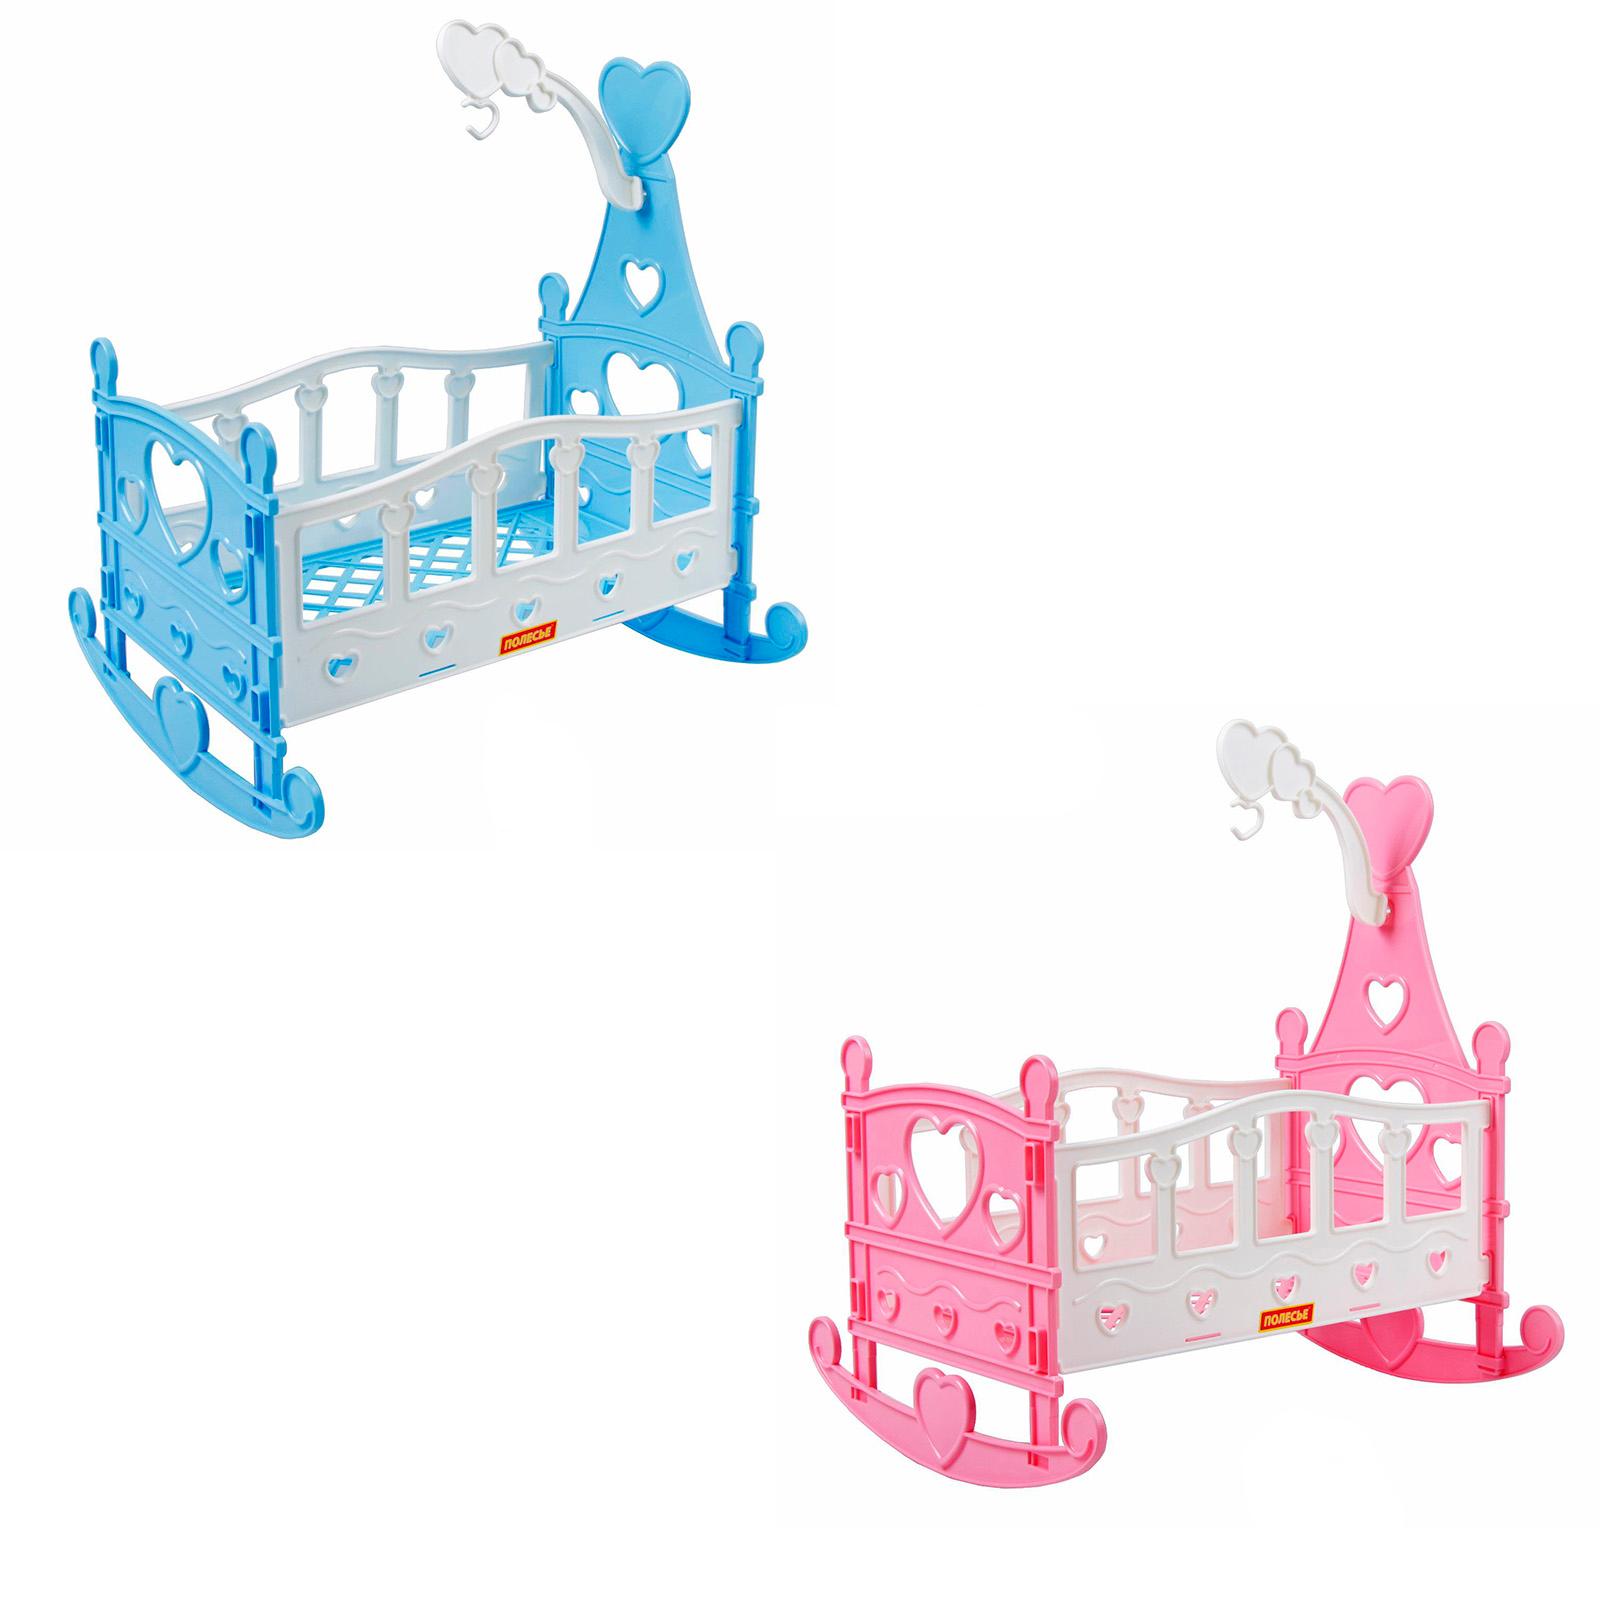 Кроватка качалка сборная для кукол №3